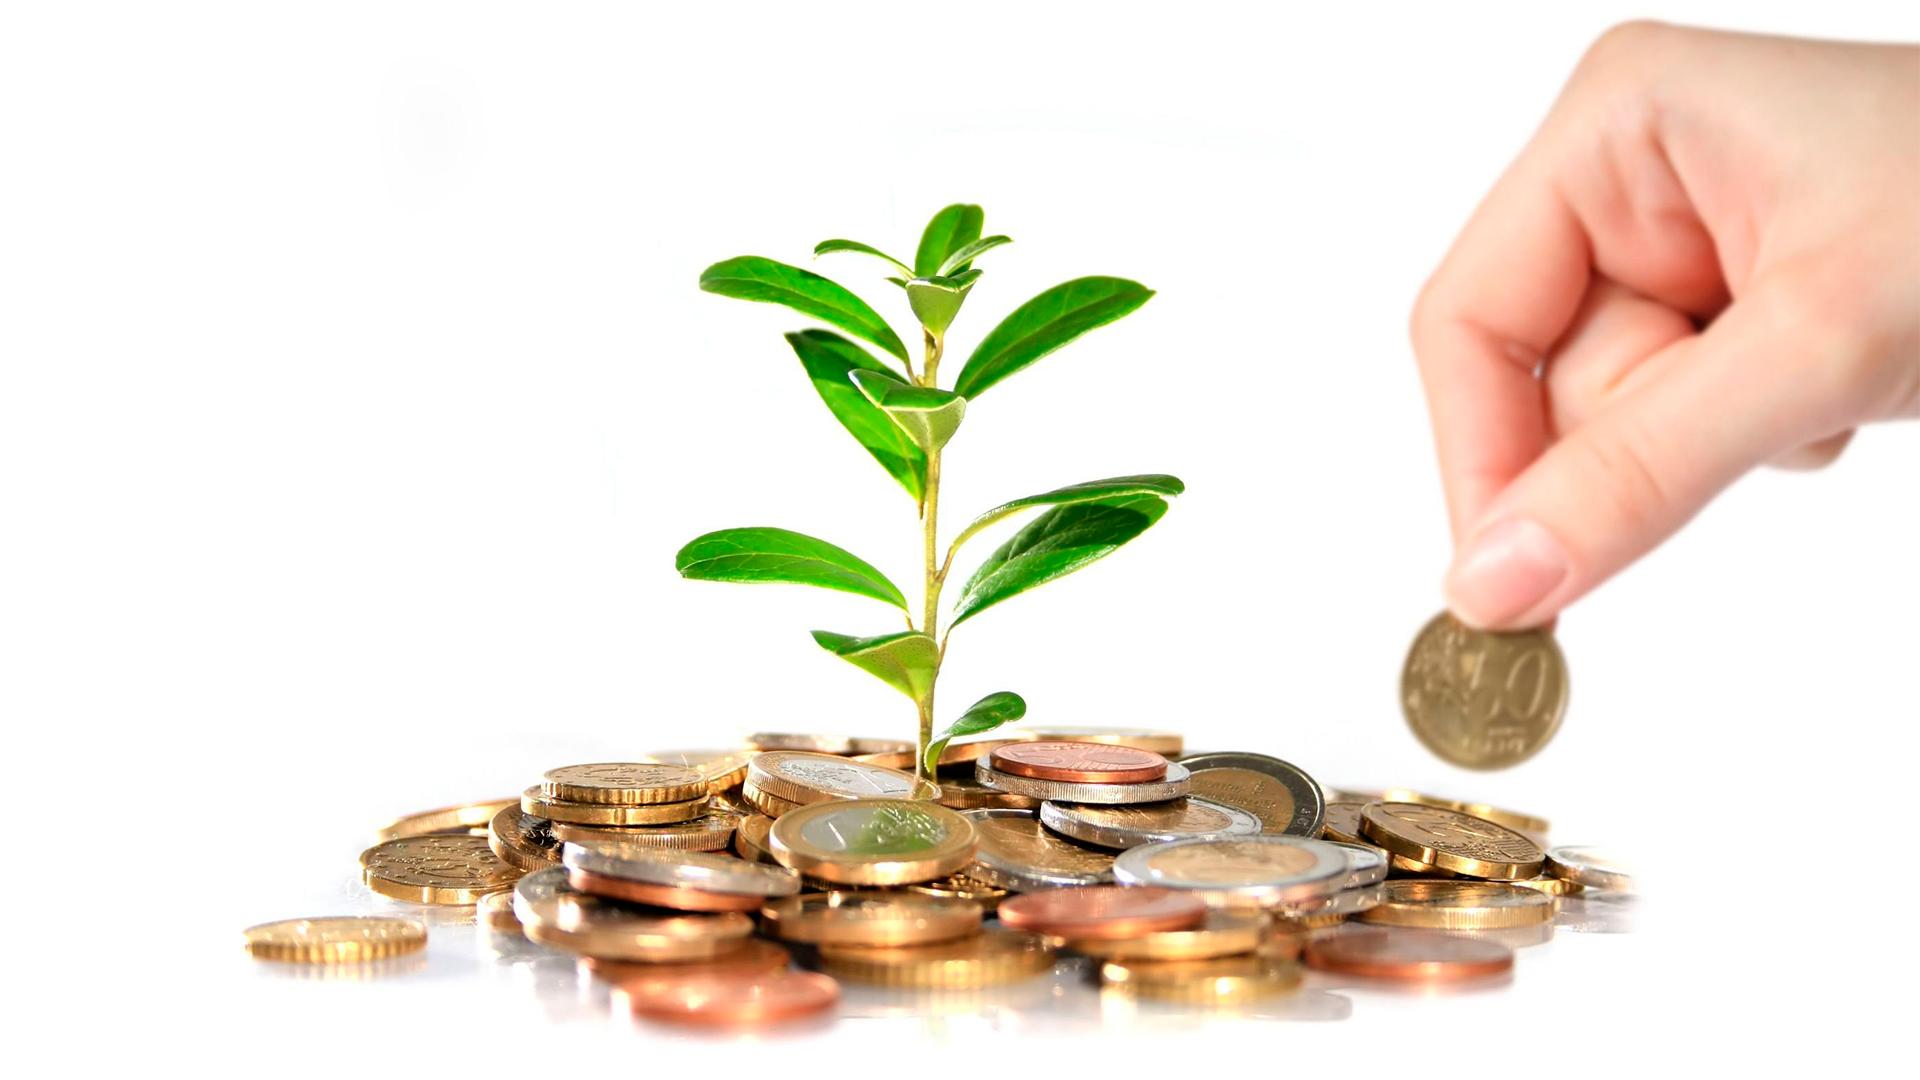 материальная выгода по займам кредитам